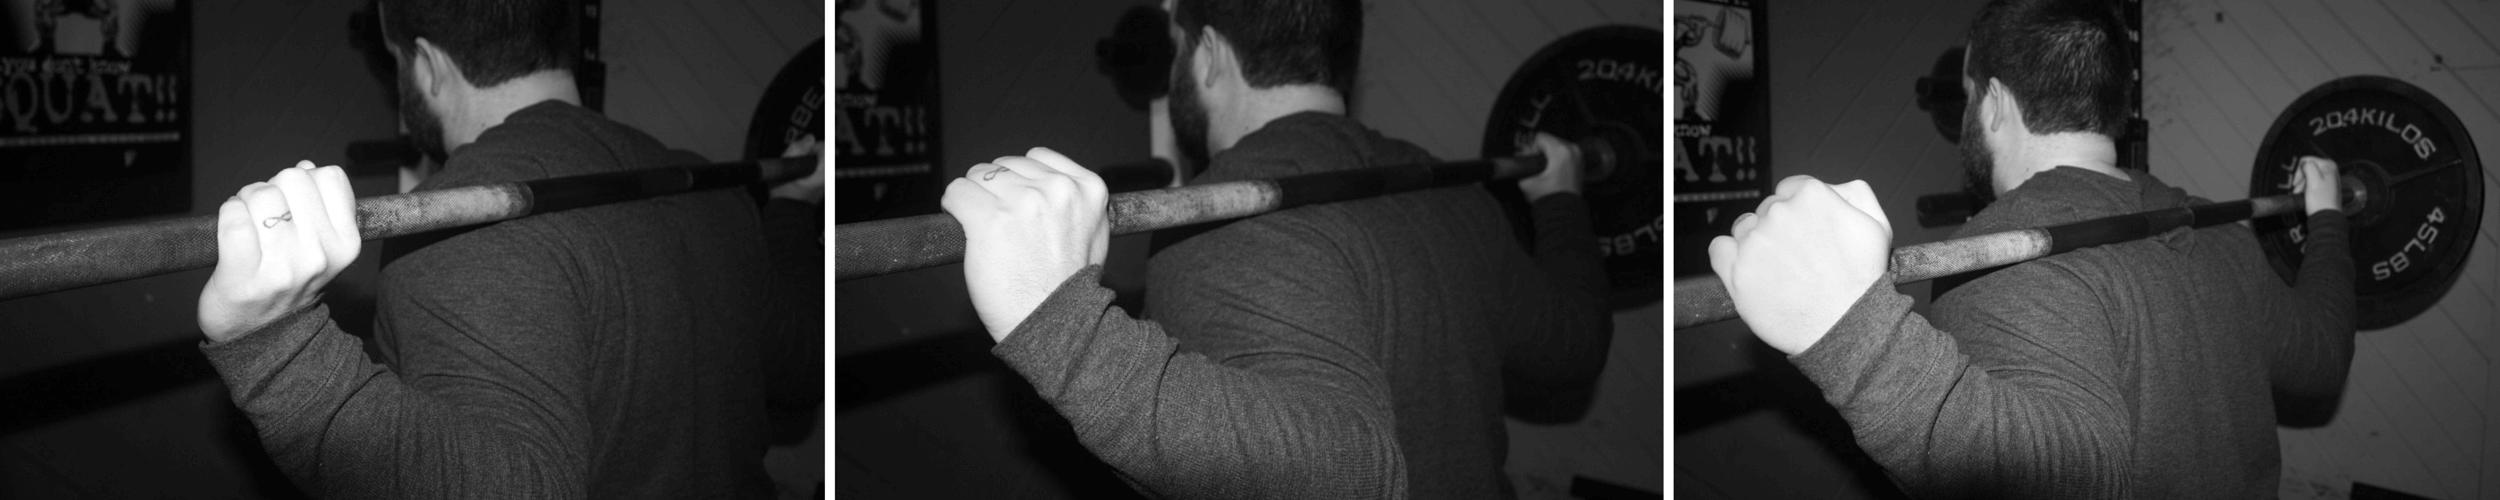 Squat wrist position